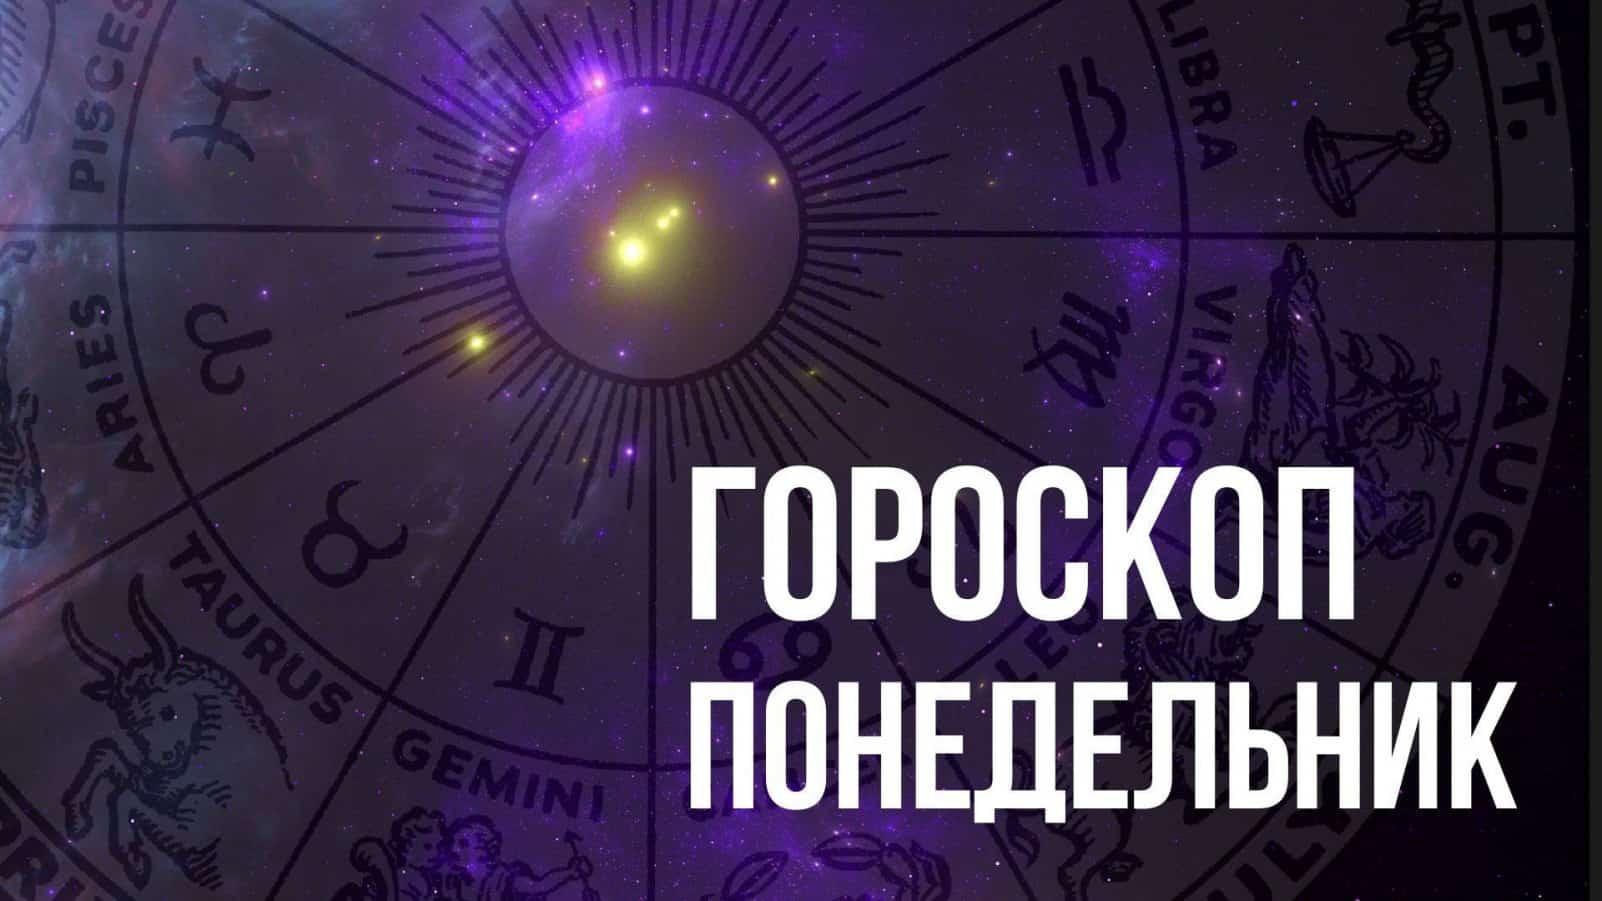 Гороскоп на понедельник 12 апреля для каждого знака Зодиака